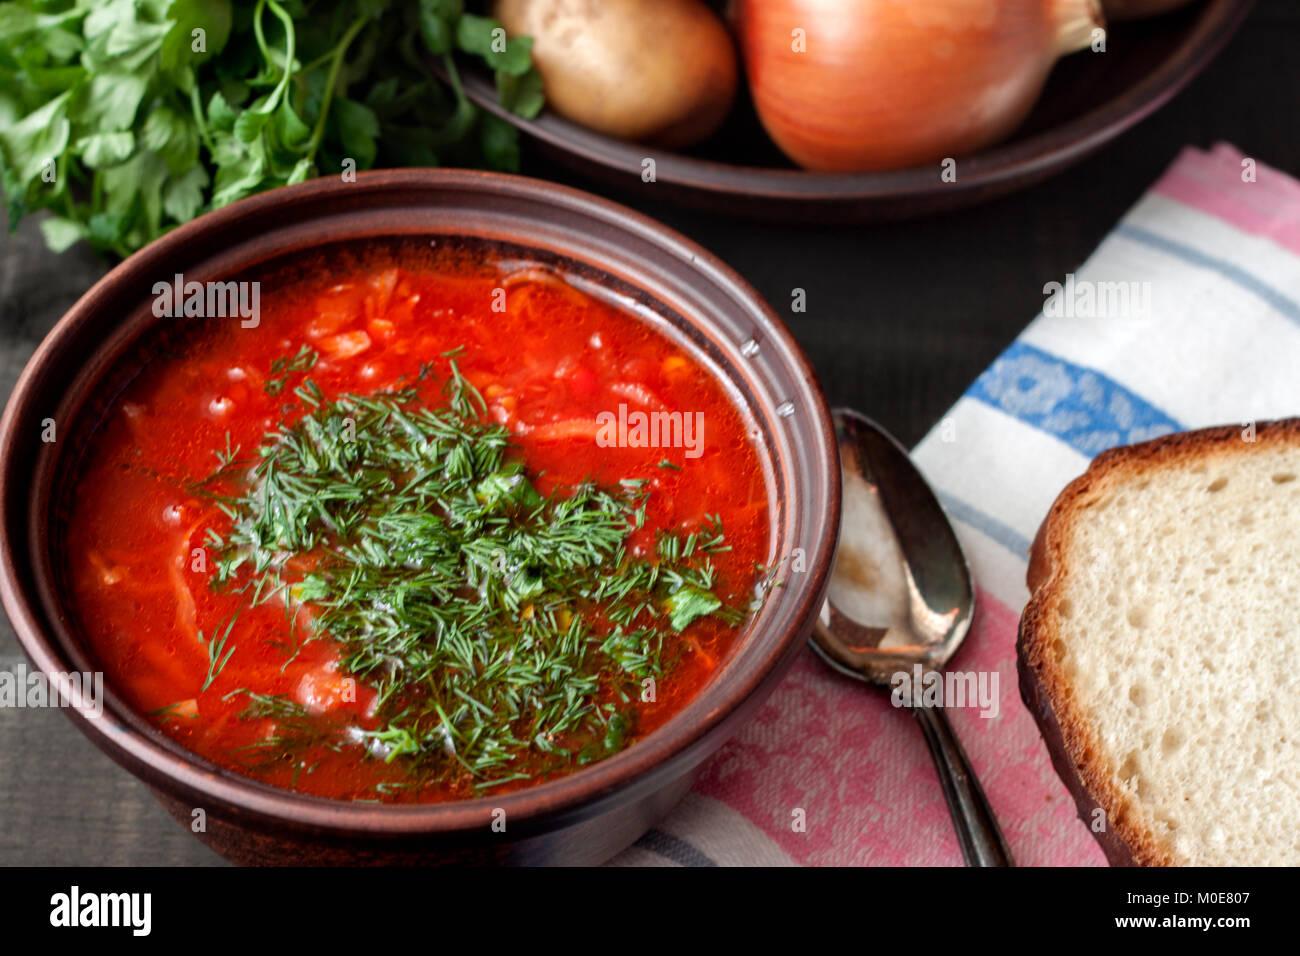 Rojo borshch. Comida ucraniana. Imagen De Stock